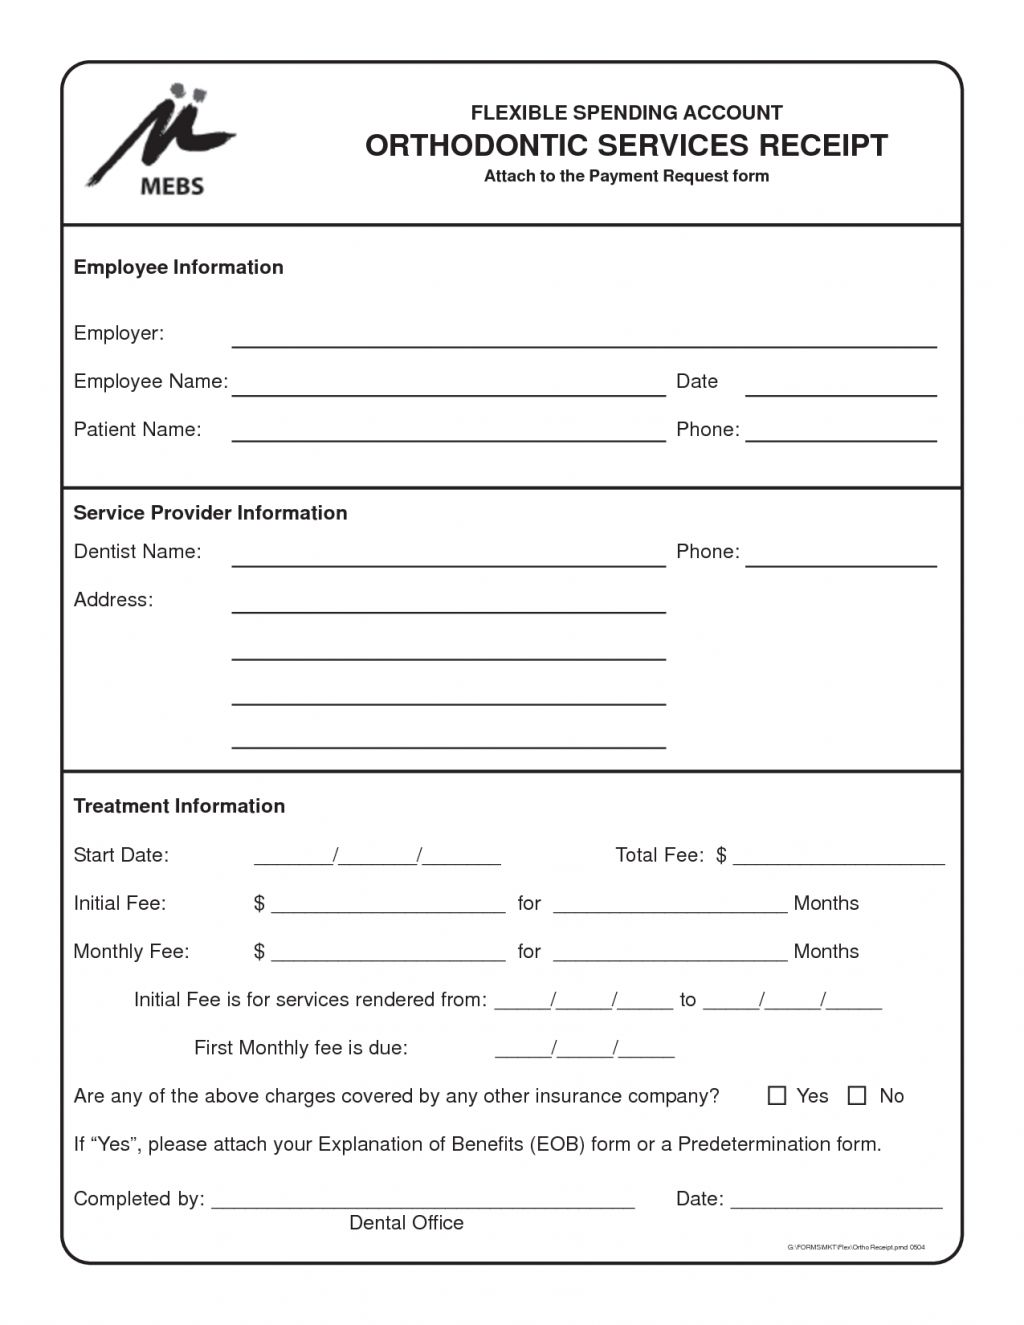 dental invoice spreadsheet templates for busines dental